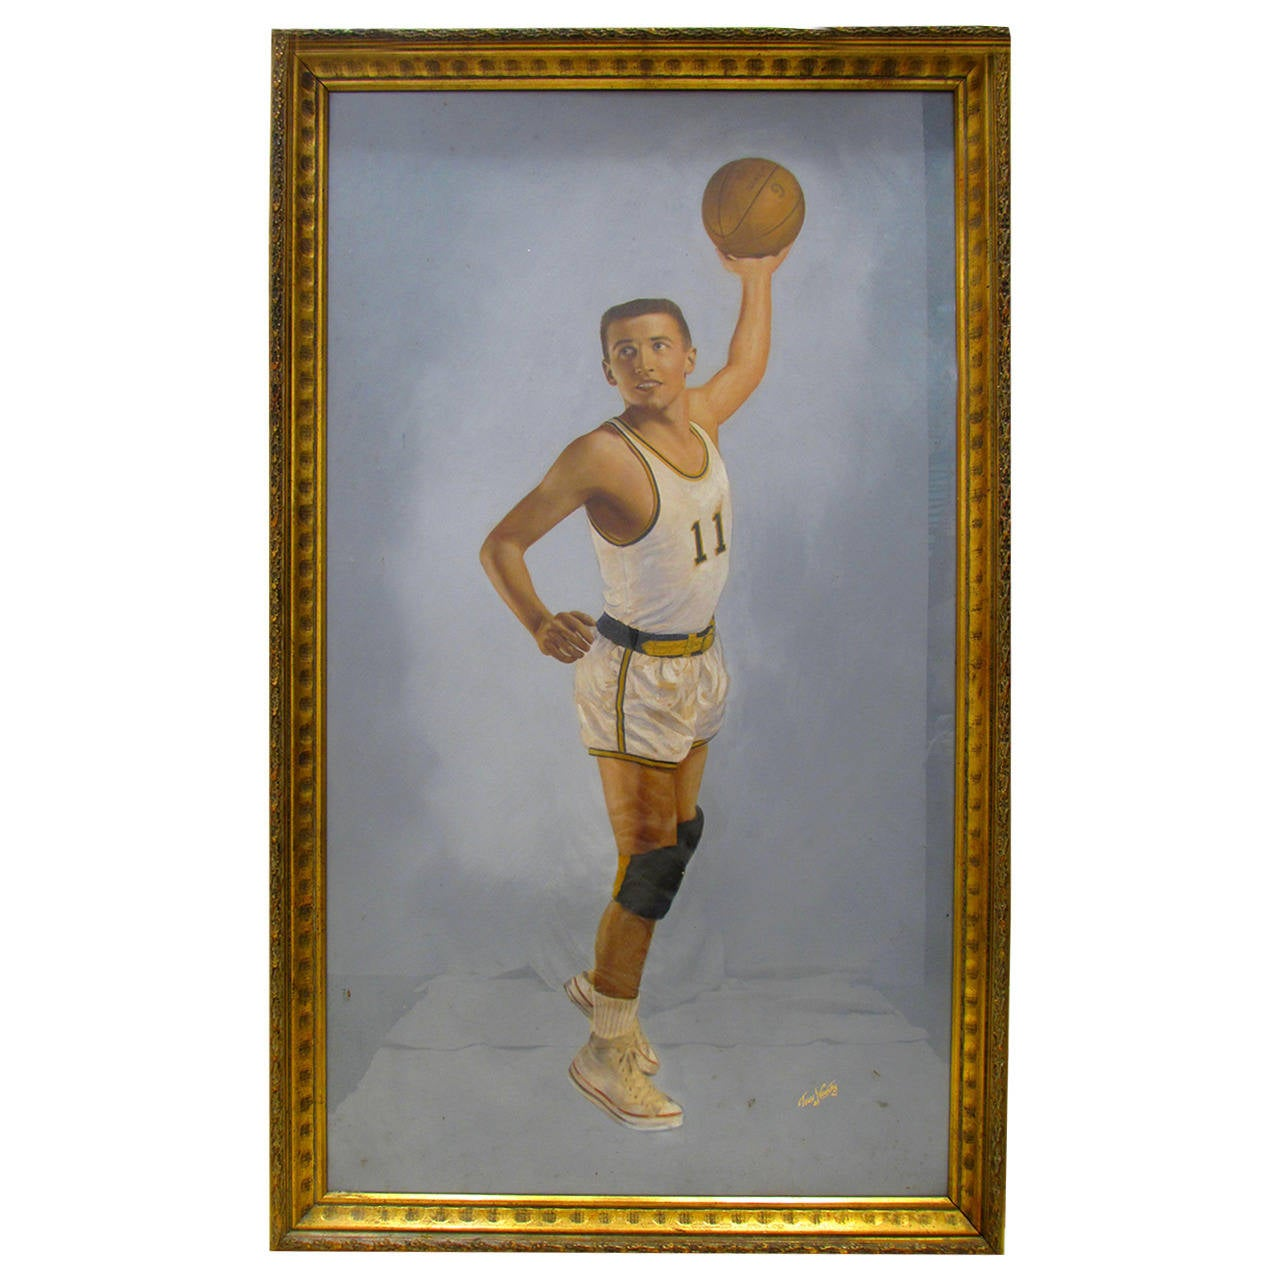 Basketball Player, Hand-Tinted  Photograph